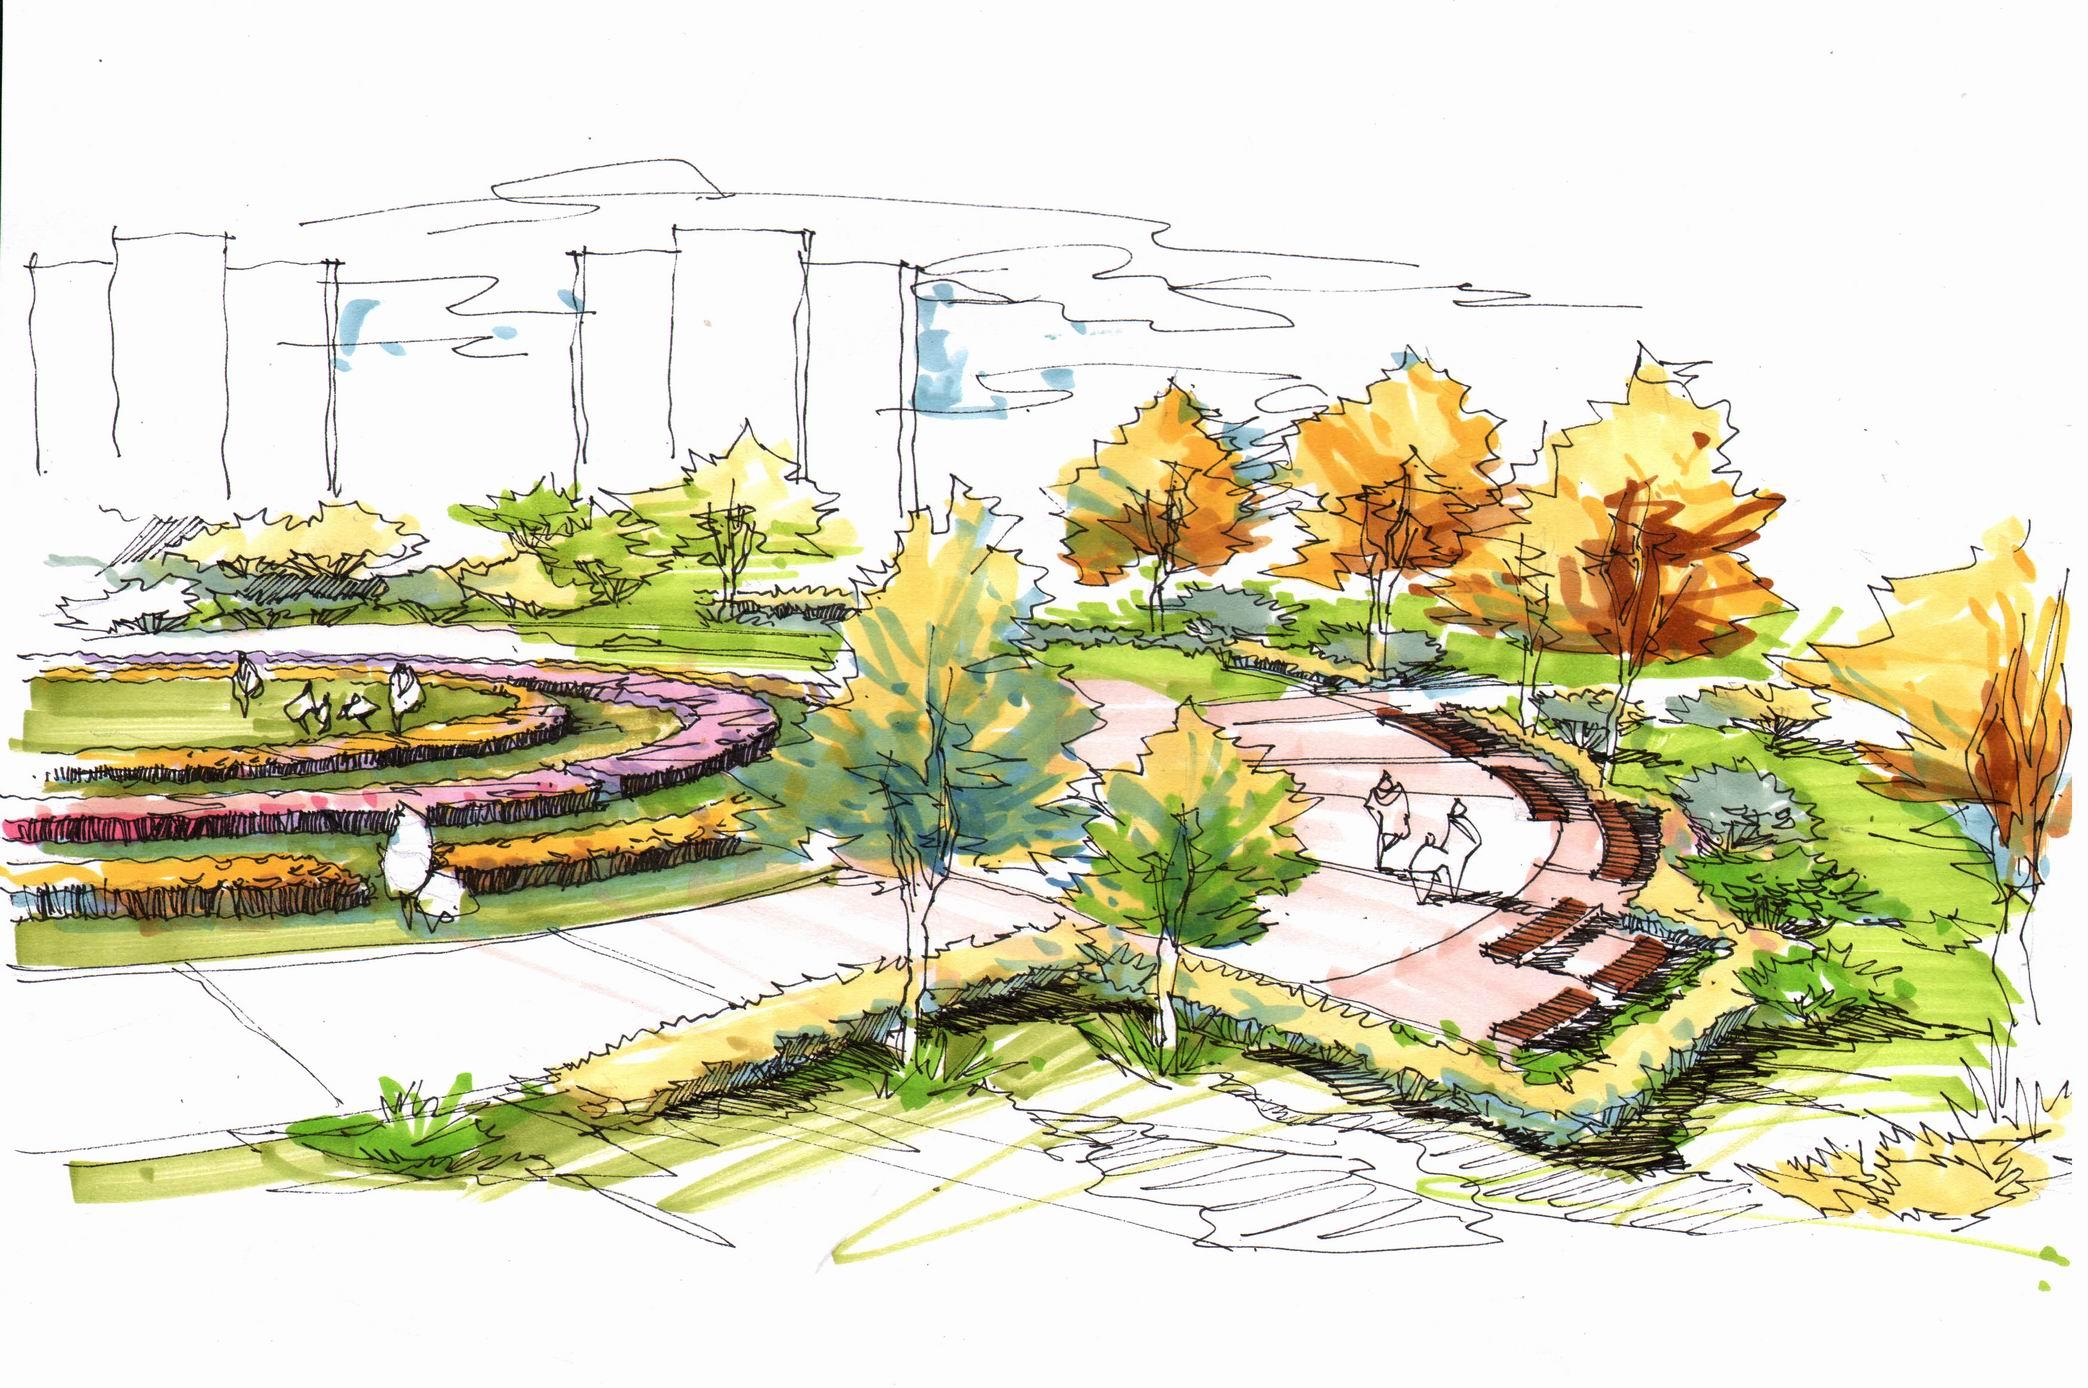 园林绿化 景观效果图 园林景观手绘效果图  想问问各位高手 道路cad施